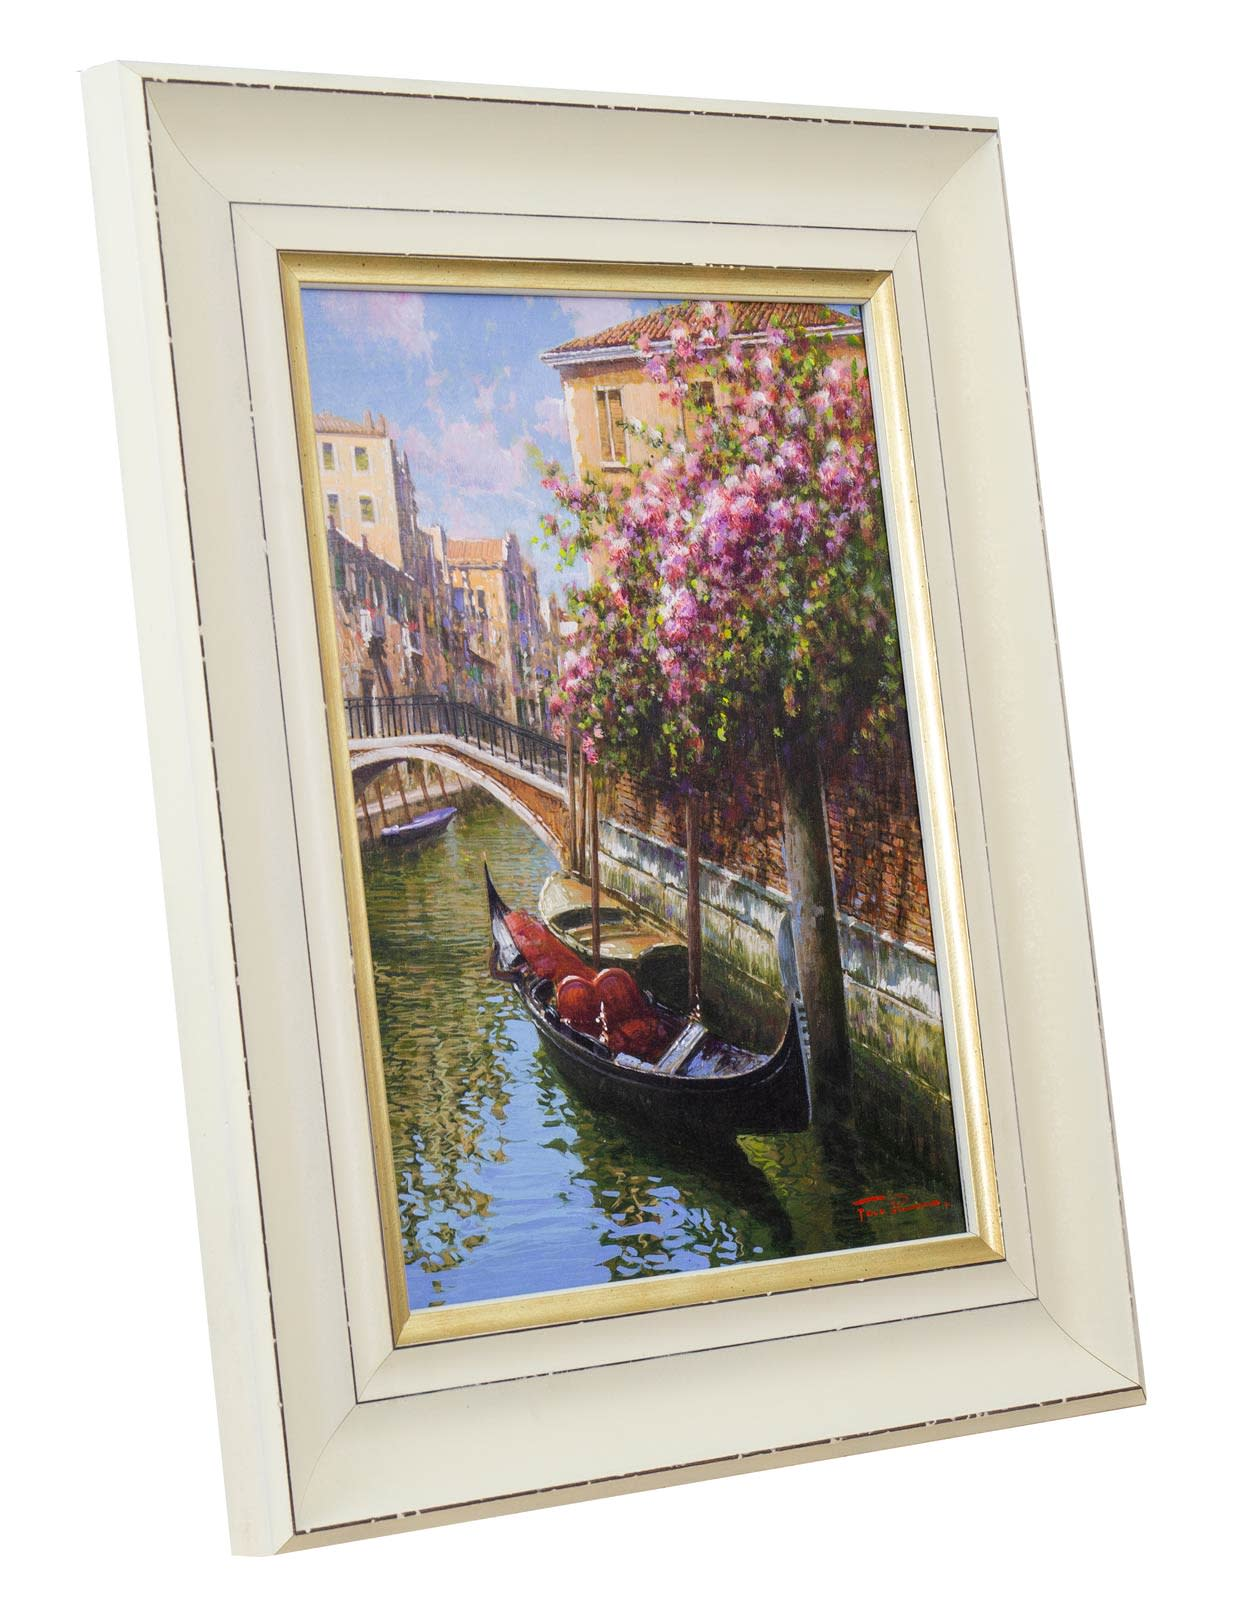 Spring in Venice